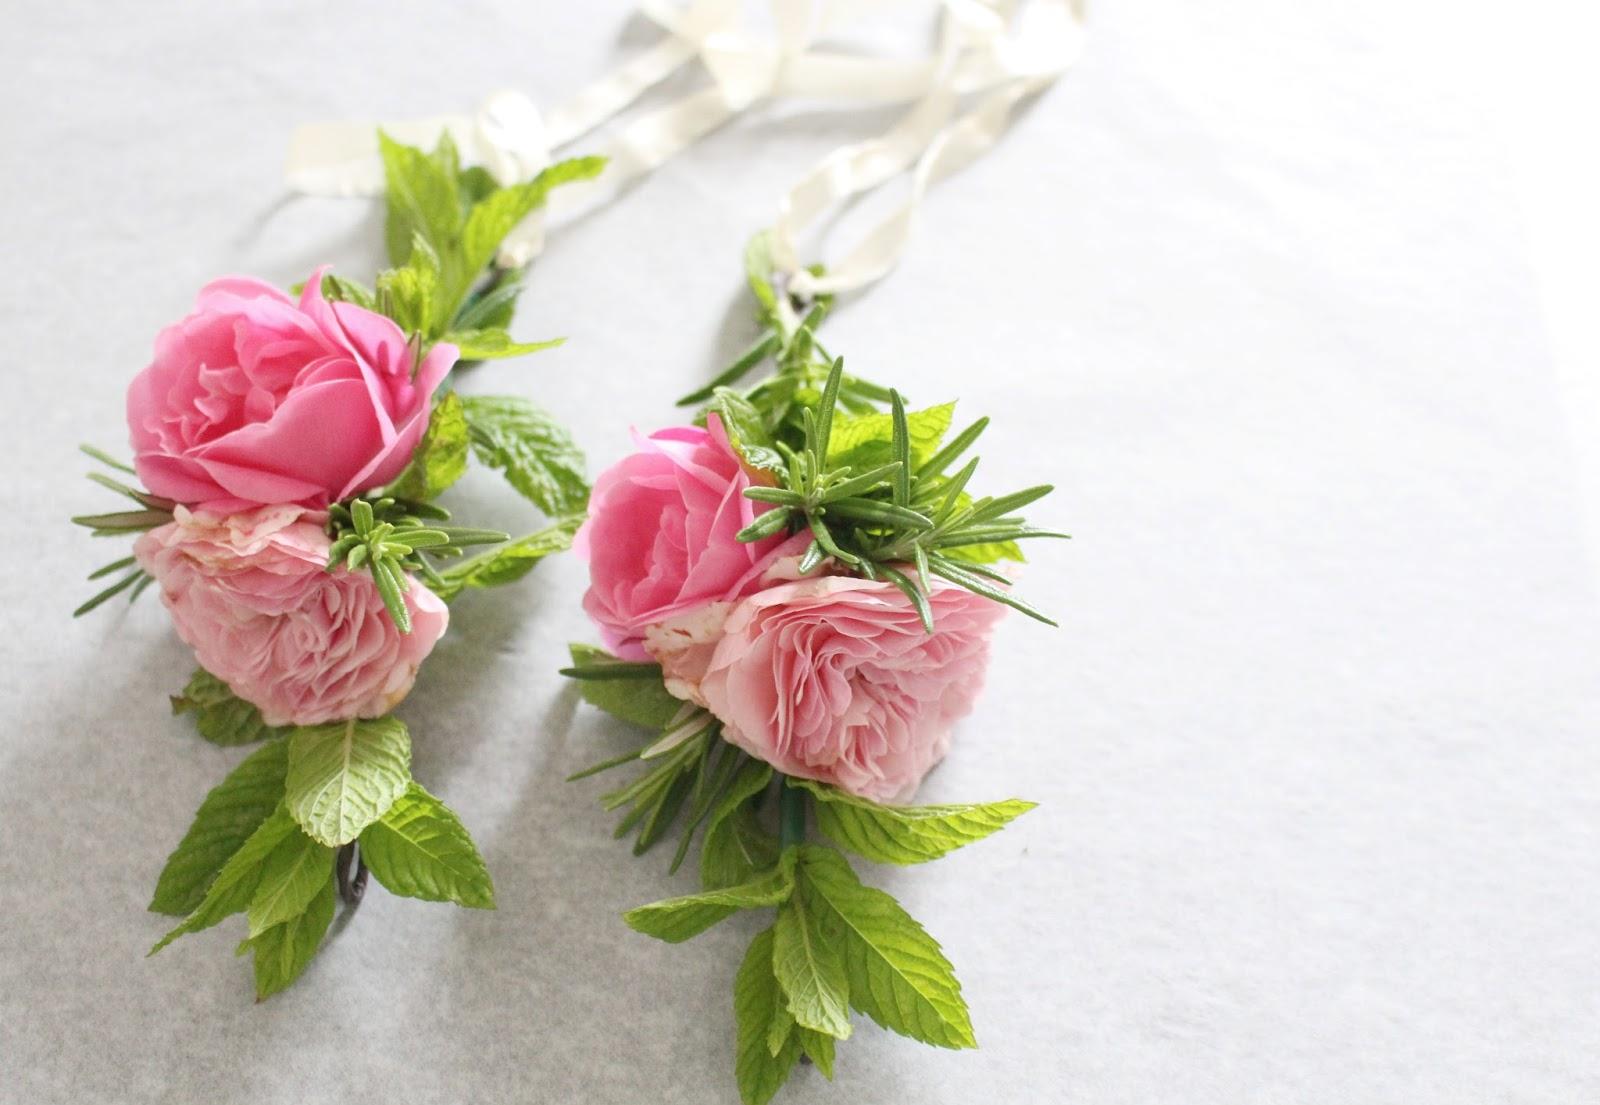 La petite boutique de fleurs fleuriste mariage lyon for Bouquet de fleurs nature